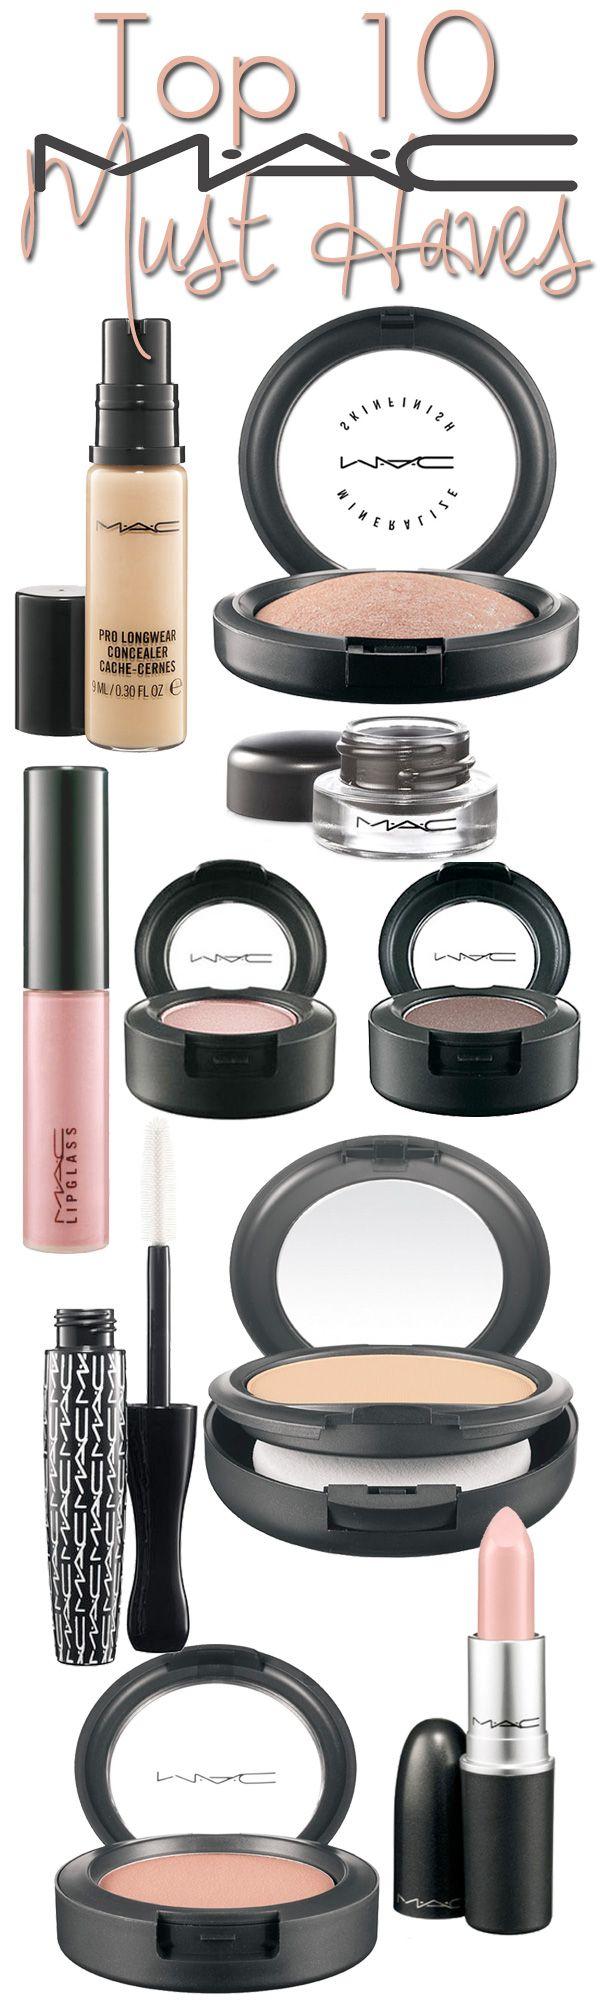 Top 10 Mac Cosmetics Must Haves Con Imágenes Maquillaje Increíble Mac Cosméticos Maquillaje De Belleza